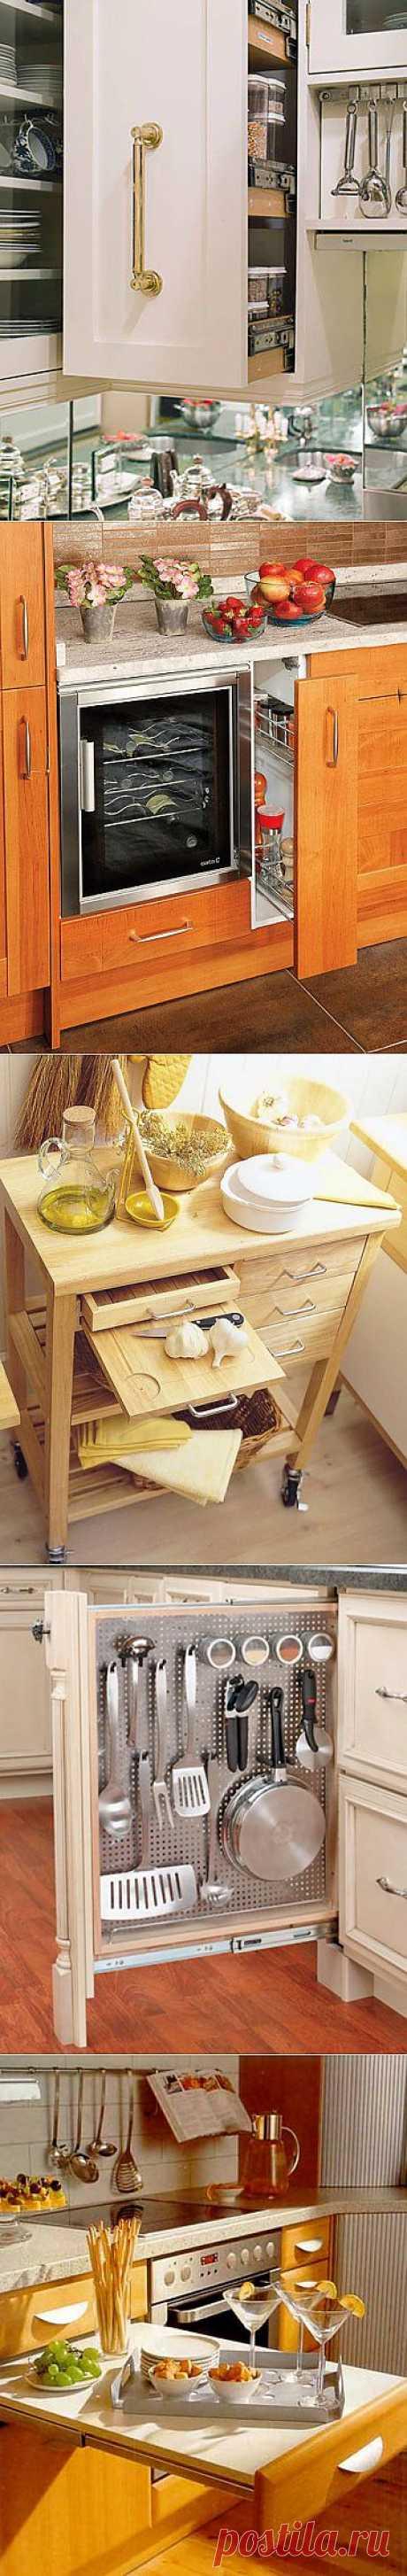 Возможности организации пространства в ящиках на кухне..